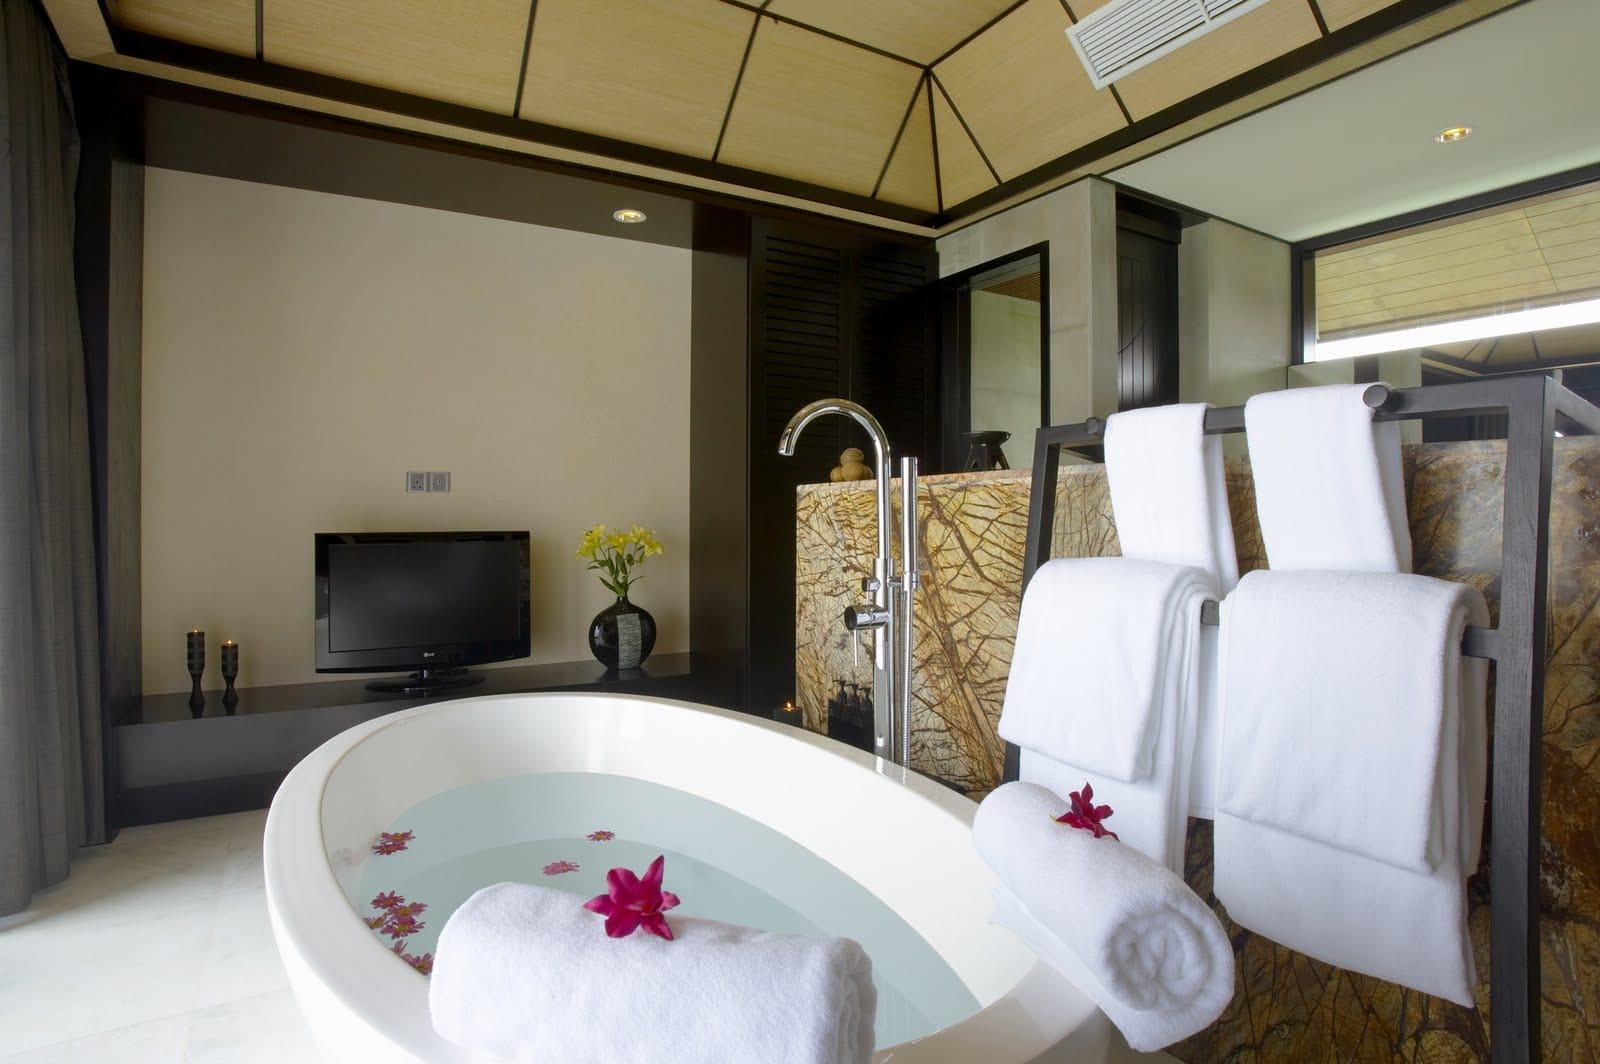 salle-de-bain-spa7